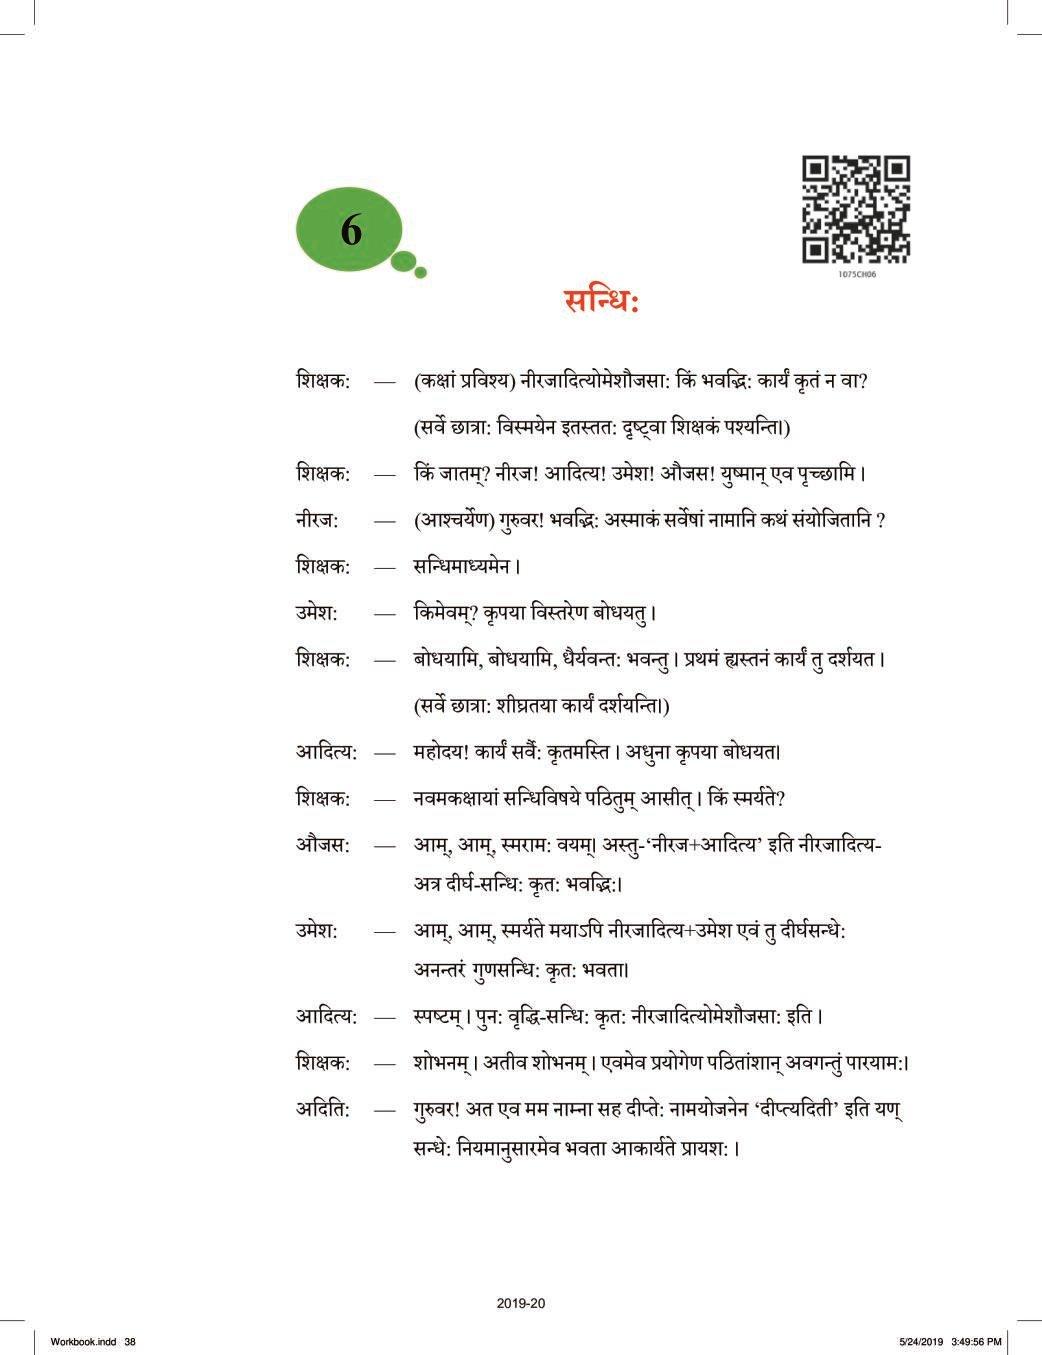 NCERT Book Class 10 Sanskrit (अभ्यासवान् भव) Chapter 6 सन्धिः - Page 1